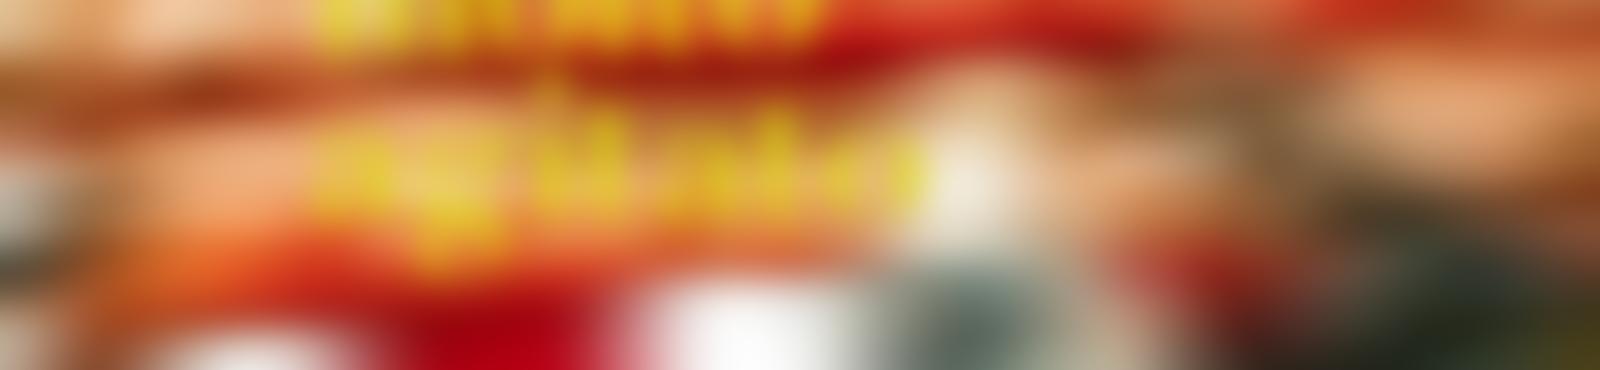 Blurred d39a2a1e 485d 4cee 9da0 e37b69153d2a